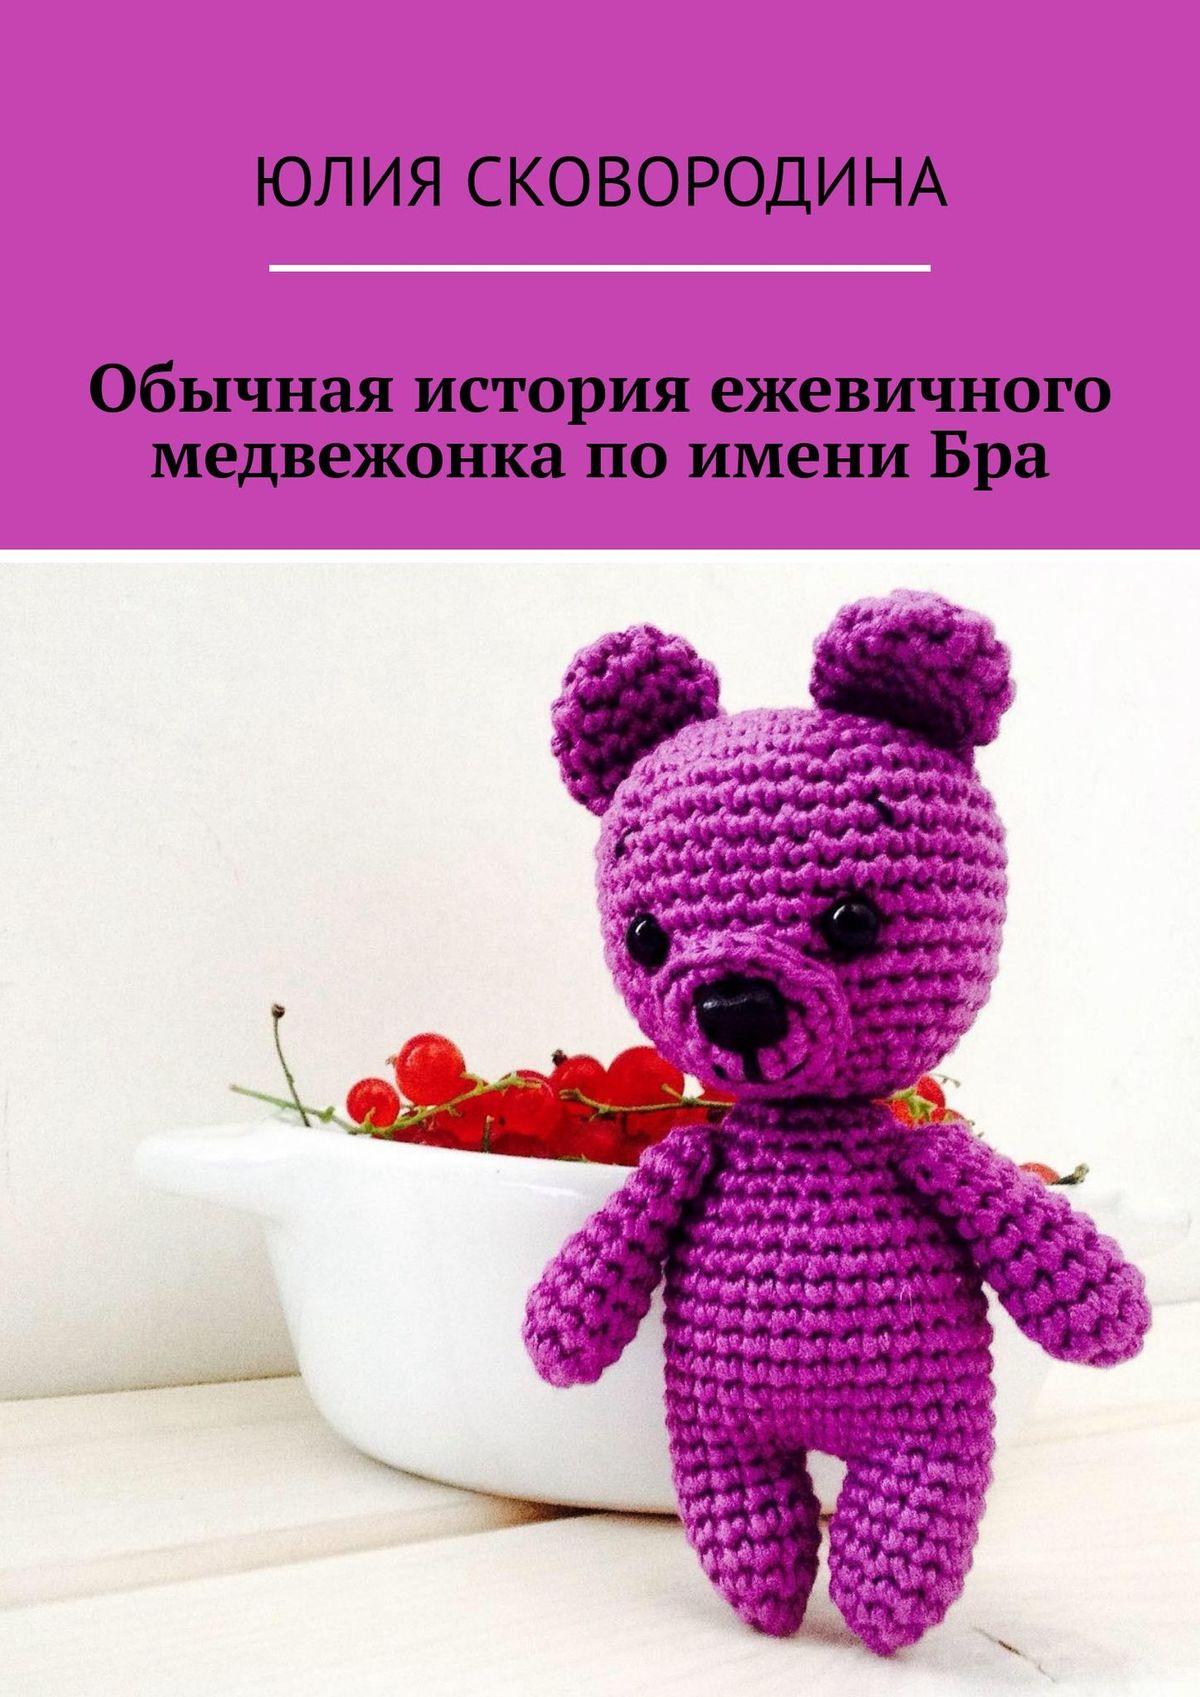 Юлия Сковородина Обычная история ежевичного медвежонка поимениБра бра pentola 803847